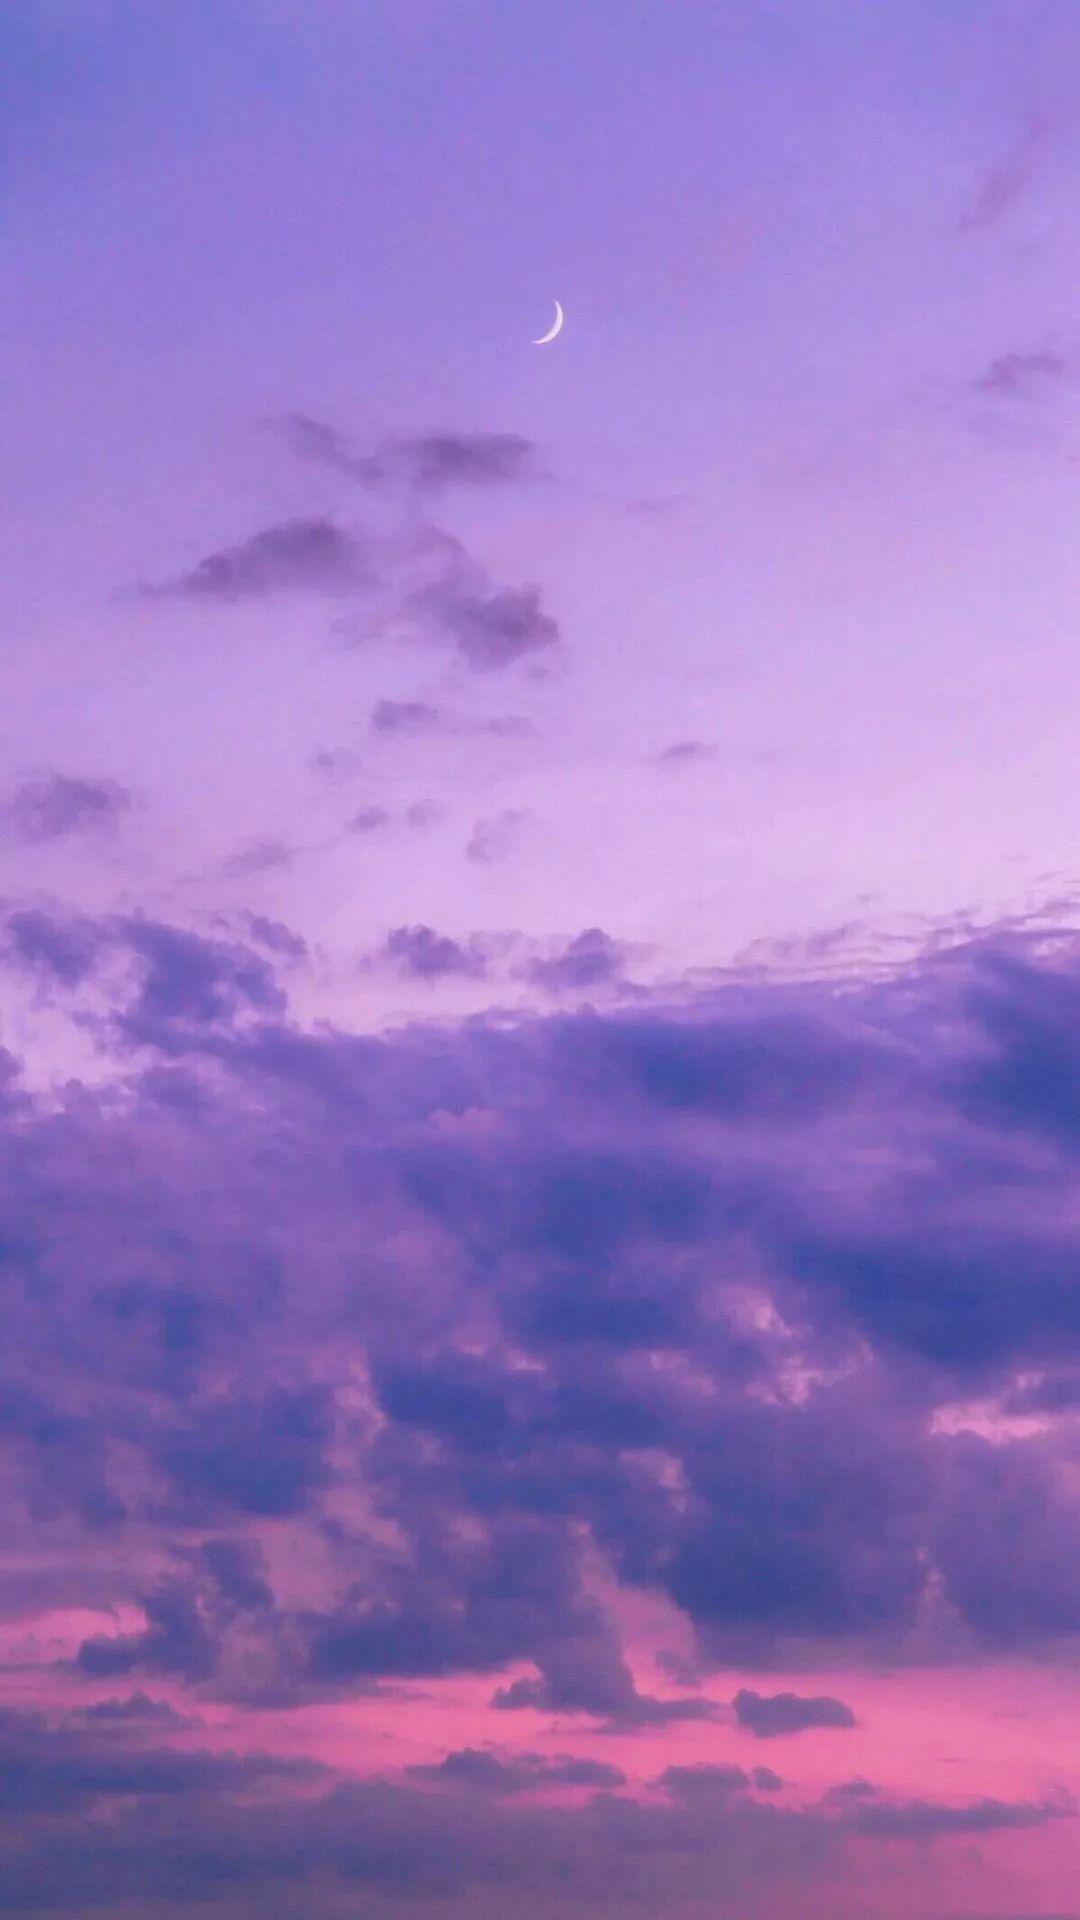 紫色 壁纸 头像 天空 唯美 风景图片